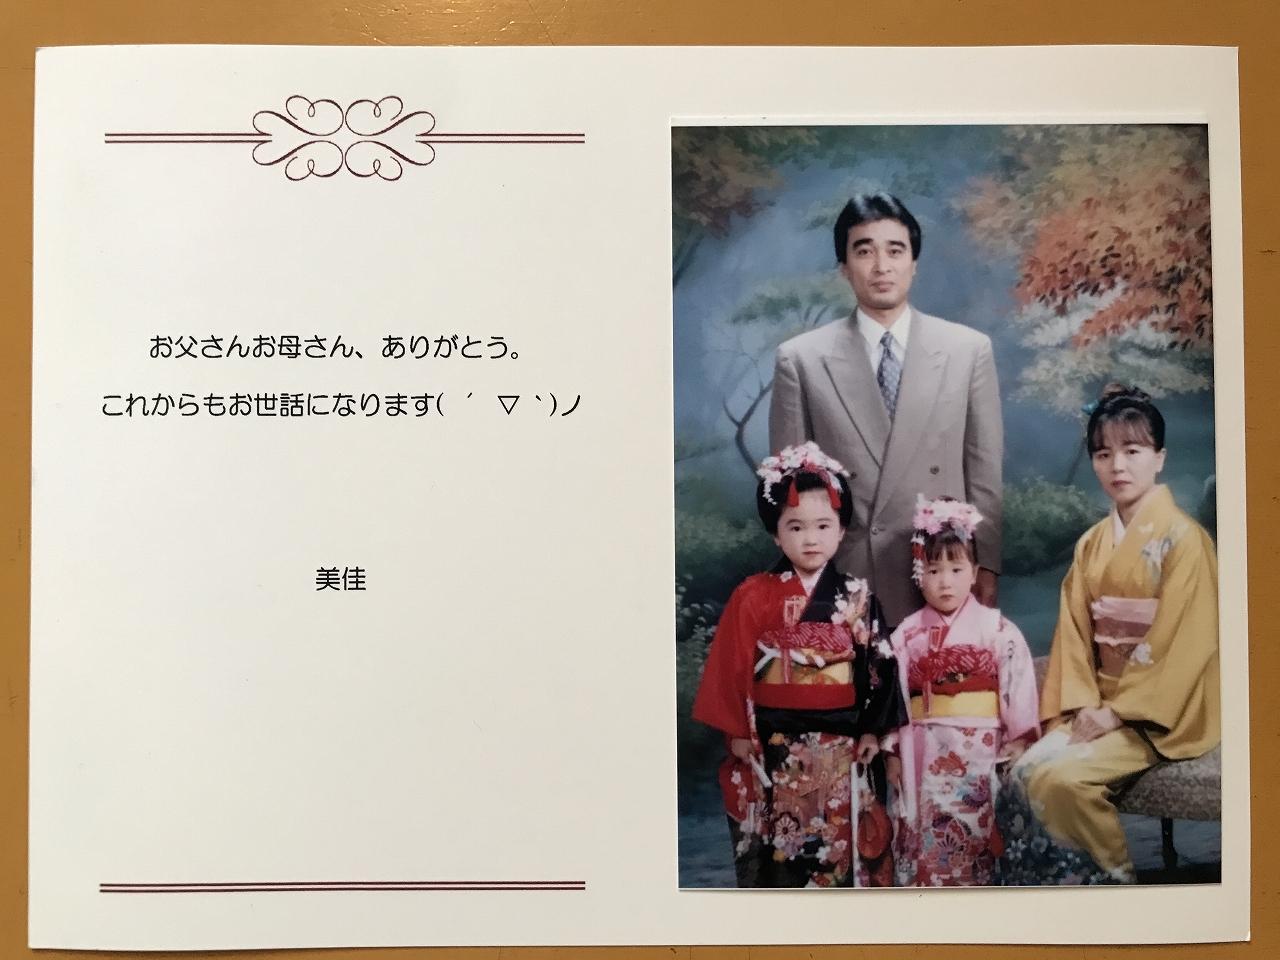 昔の家族写真付きメッセージカード